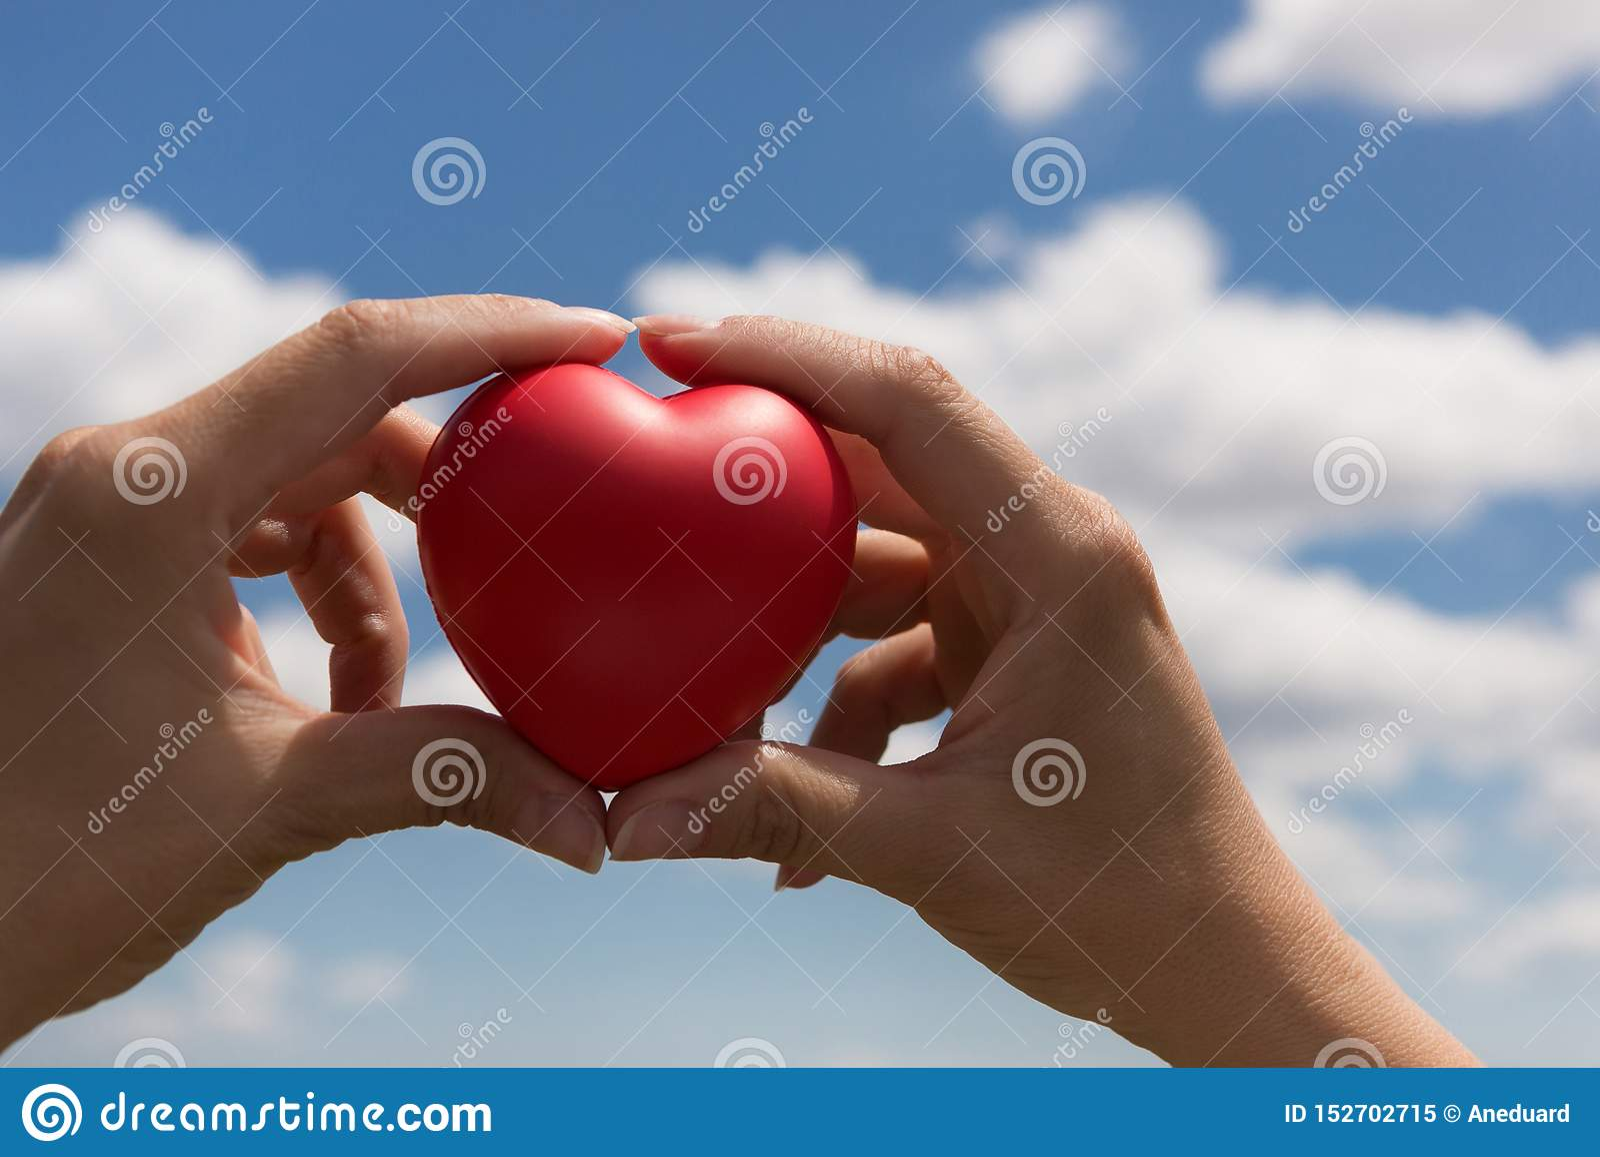 En manos femeninas un corazón volumétrico rojo, como símbolo de la vida y del amor, contra el cielo azul con las nubes